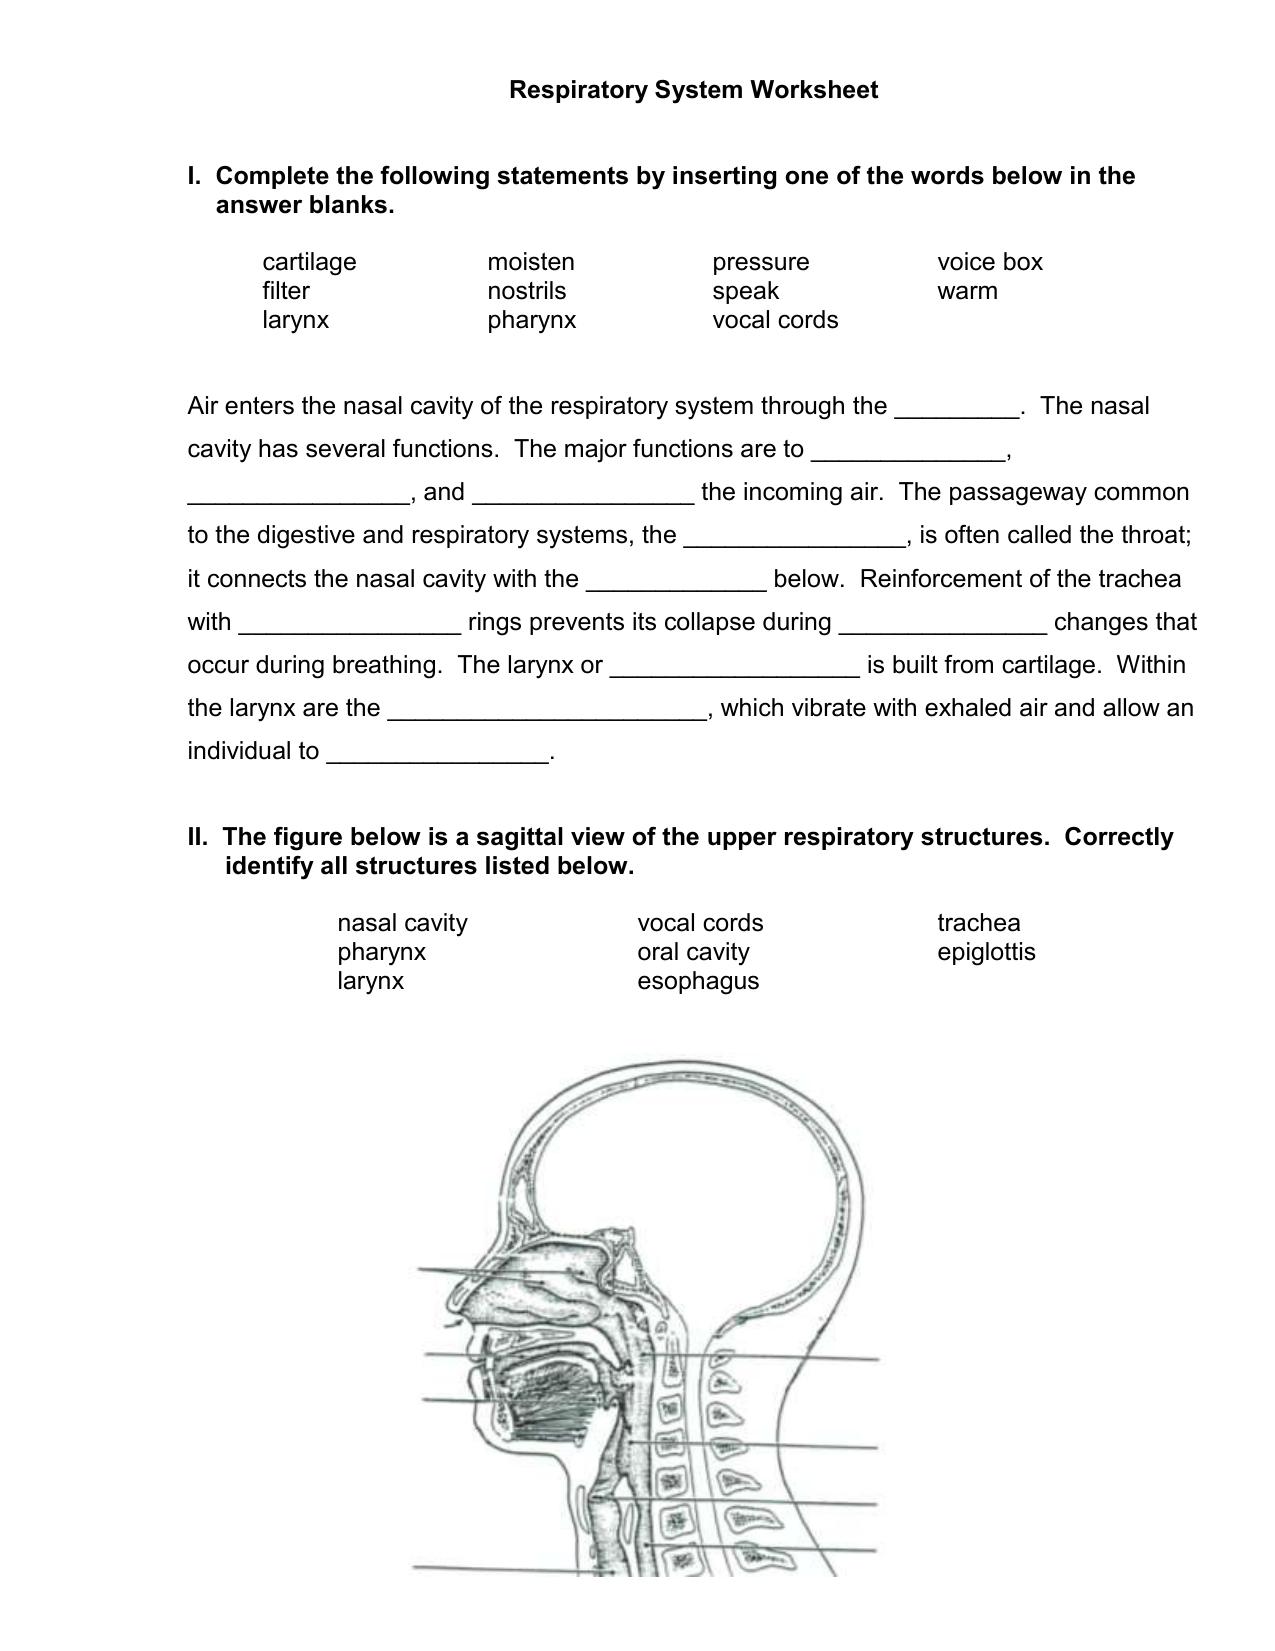 Respiratory System Worksheet Regarding The Respiratory System Worksheet